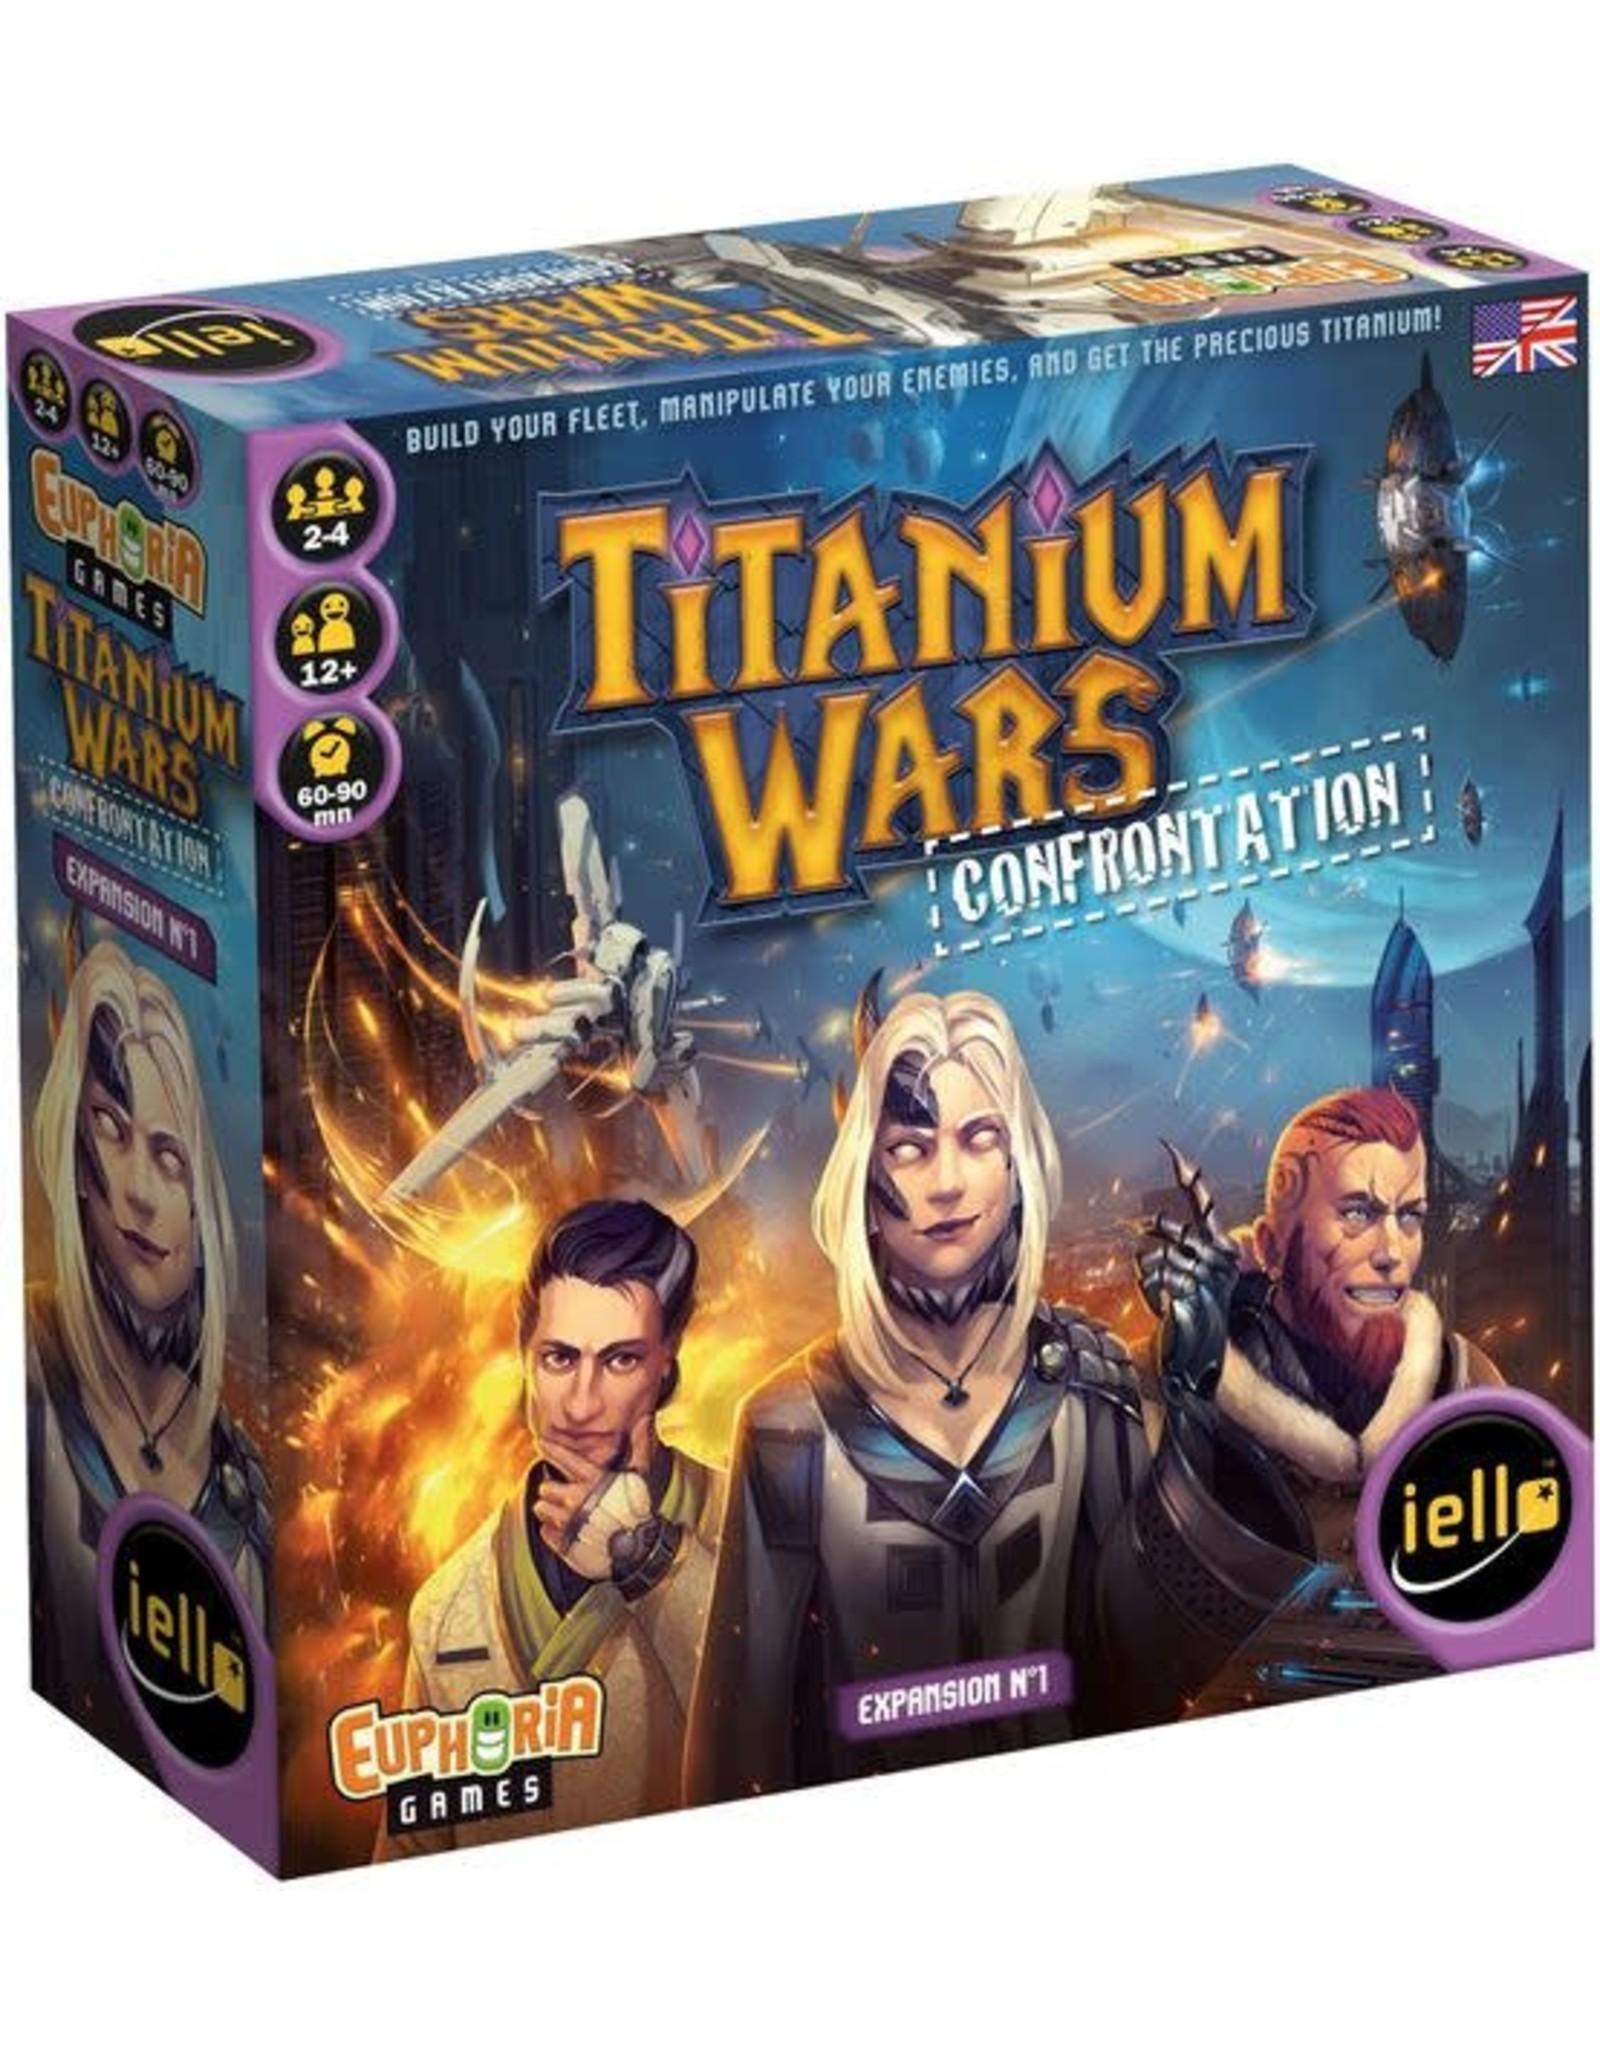 Iello Titanium Wars: Confrontation